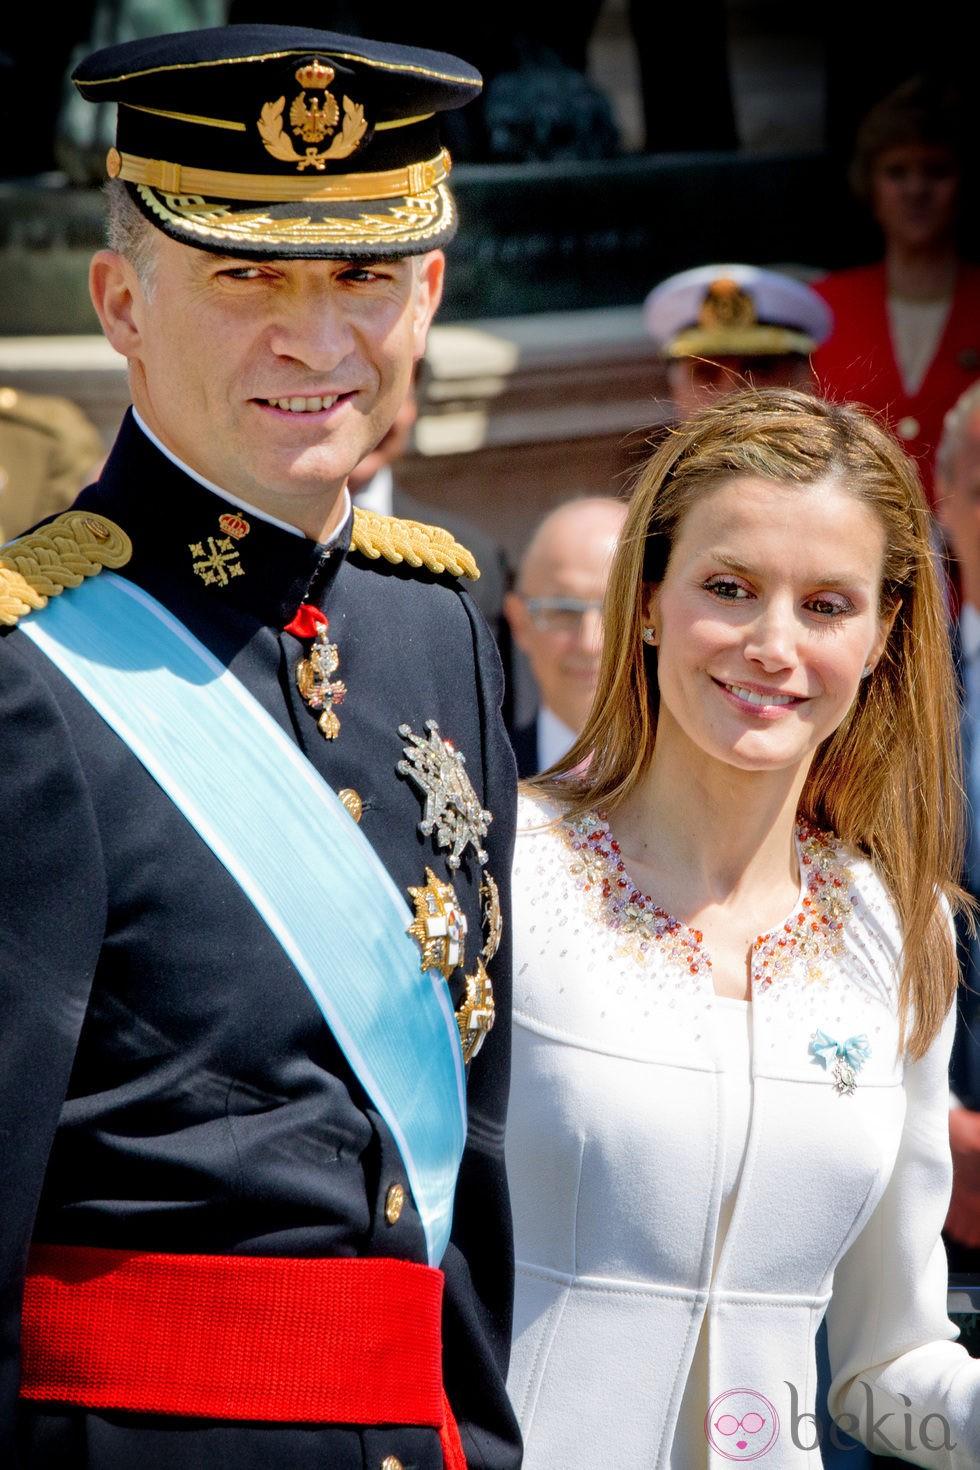 El Rey Felipe VI y la Reina Letizia durante el desfile militar en la Carrera de San Jerónimo